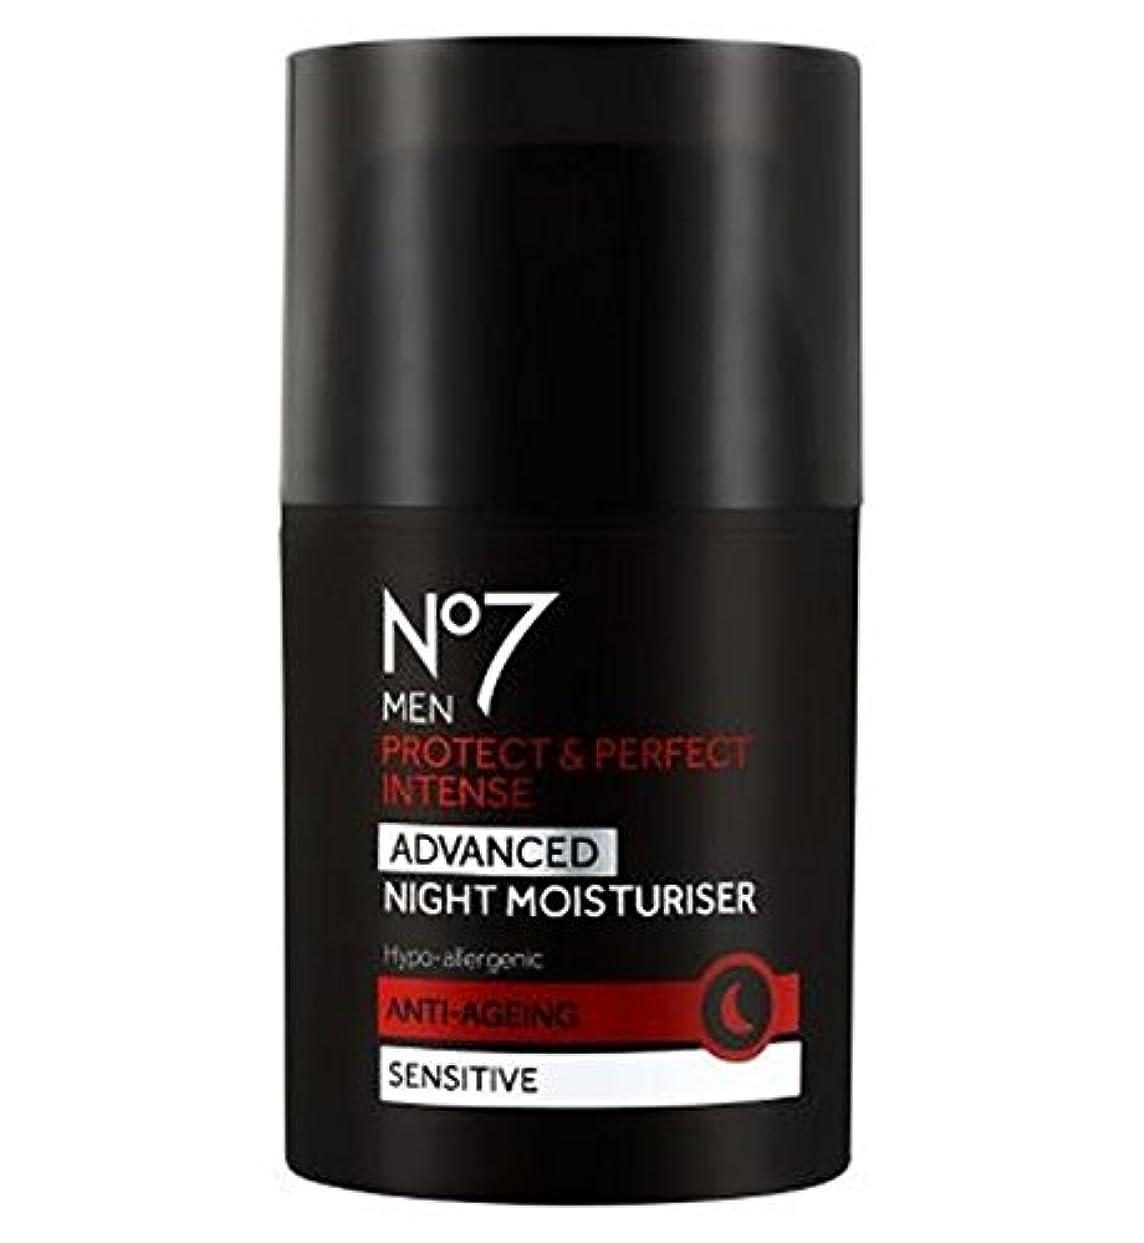 曲がったチーター叫ぶNo7 Men Protect & Perfect Intense ADVANCED Night Moisturiser - No7の男性は強烈な高度な夜の保湿剤を保護&完璧 (No7) [並行輸入品]